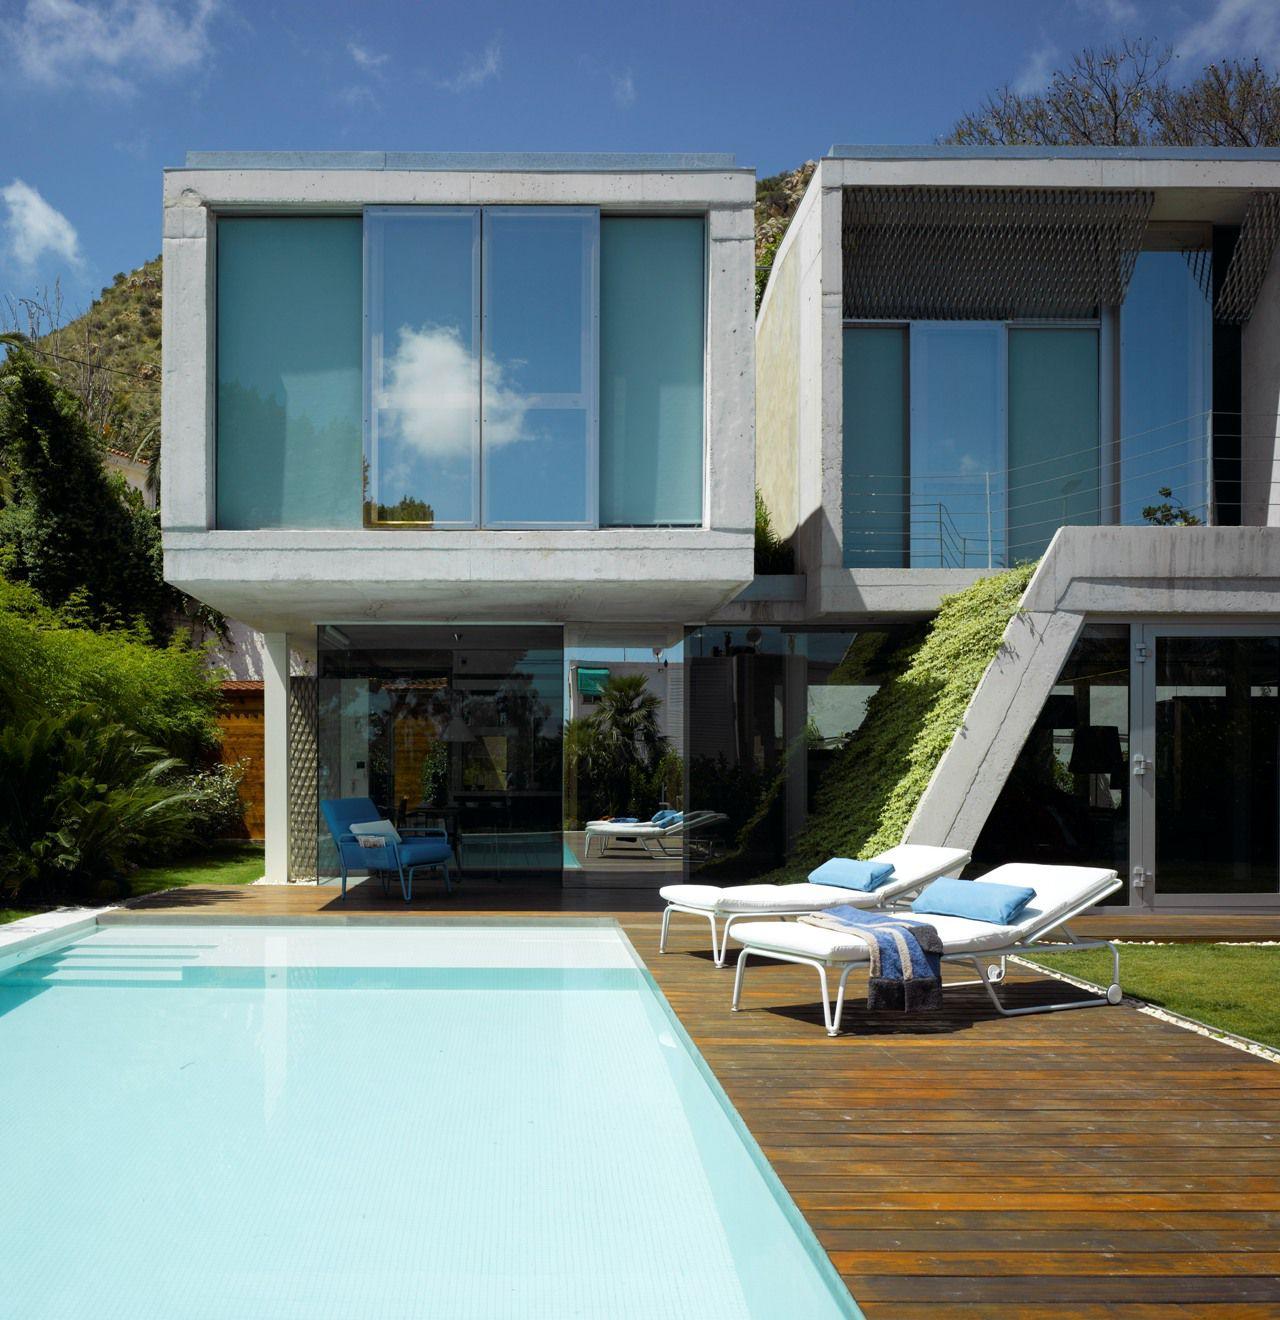 The garden house in alicante spain by joaqu n alvado ba n for Casa y jardin tienda madrid